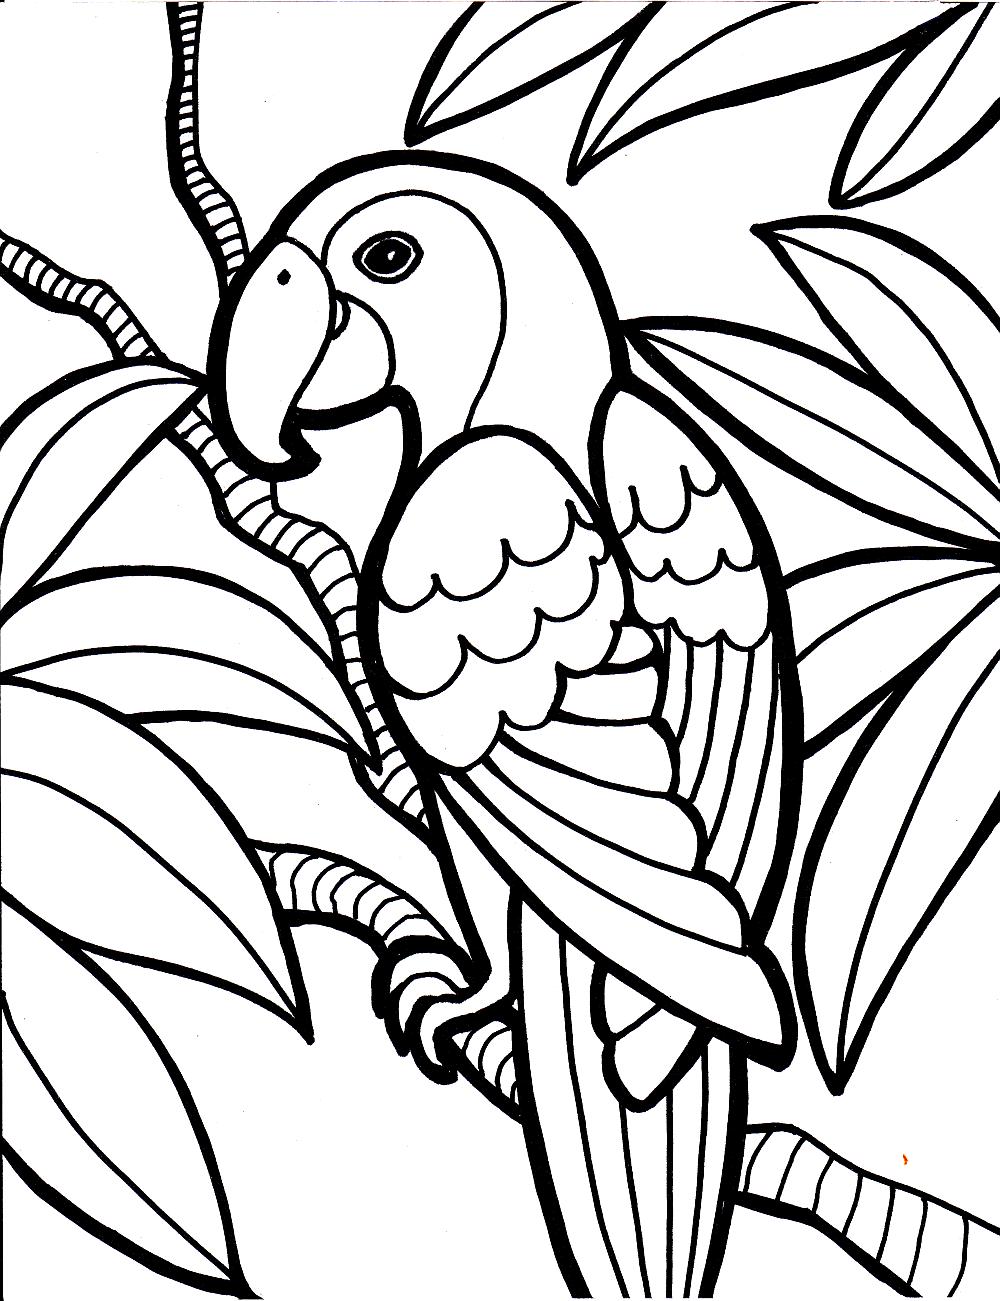 El ratón y el loro. | Drawing stuff | Pinterest | Loros, Cuentos ...